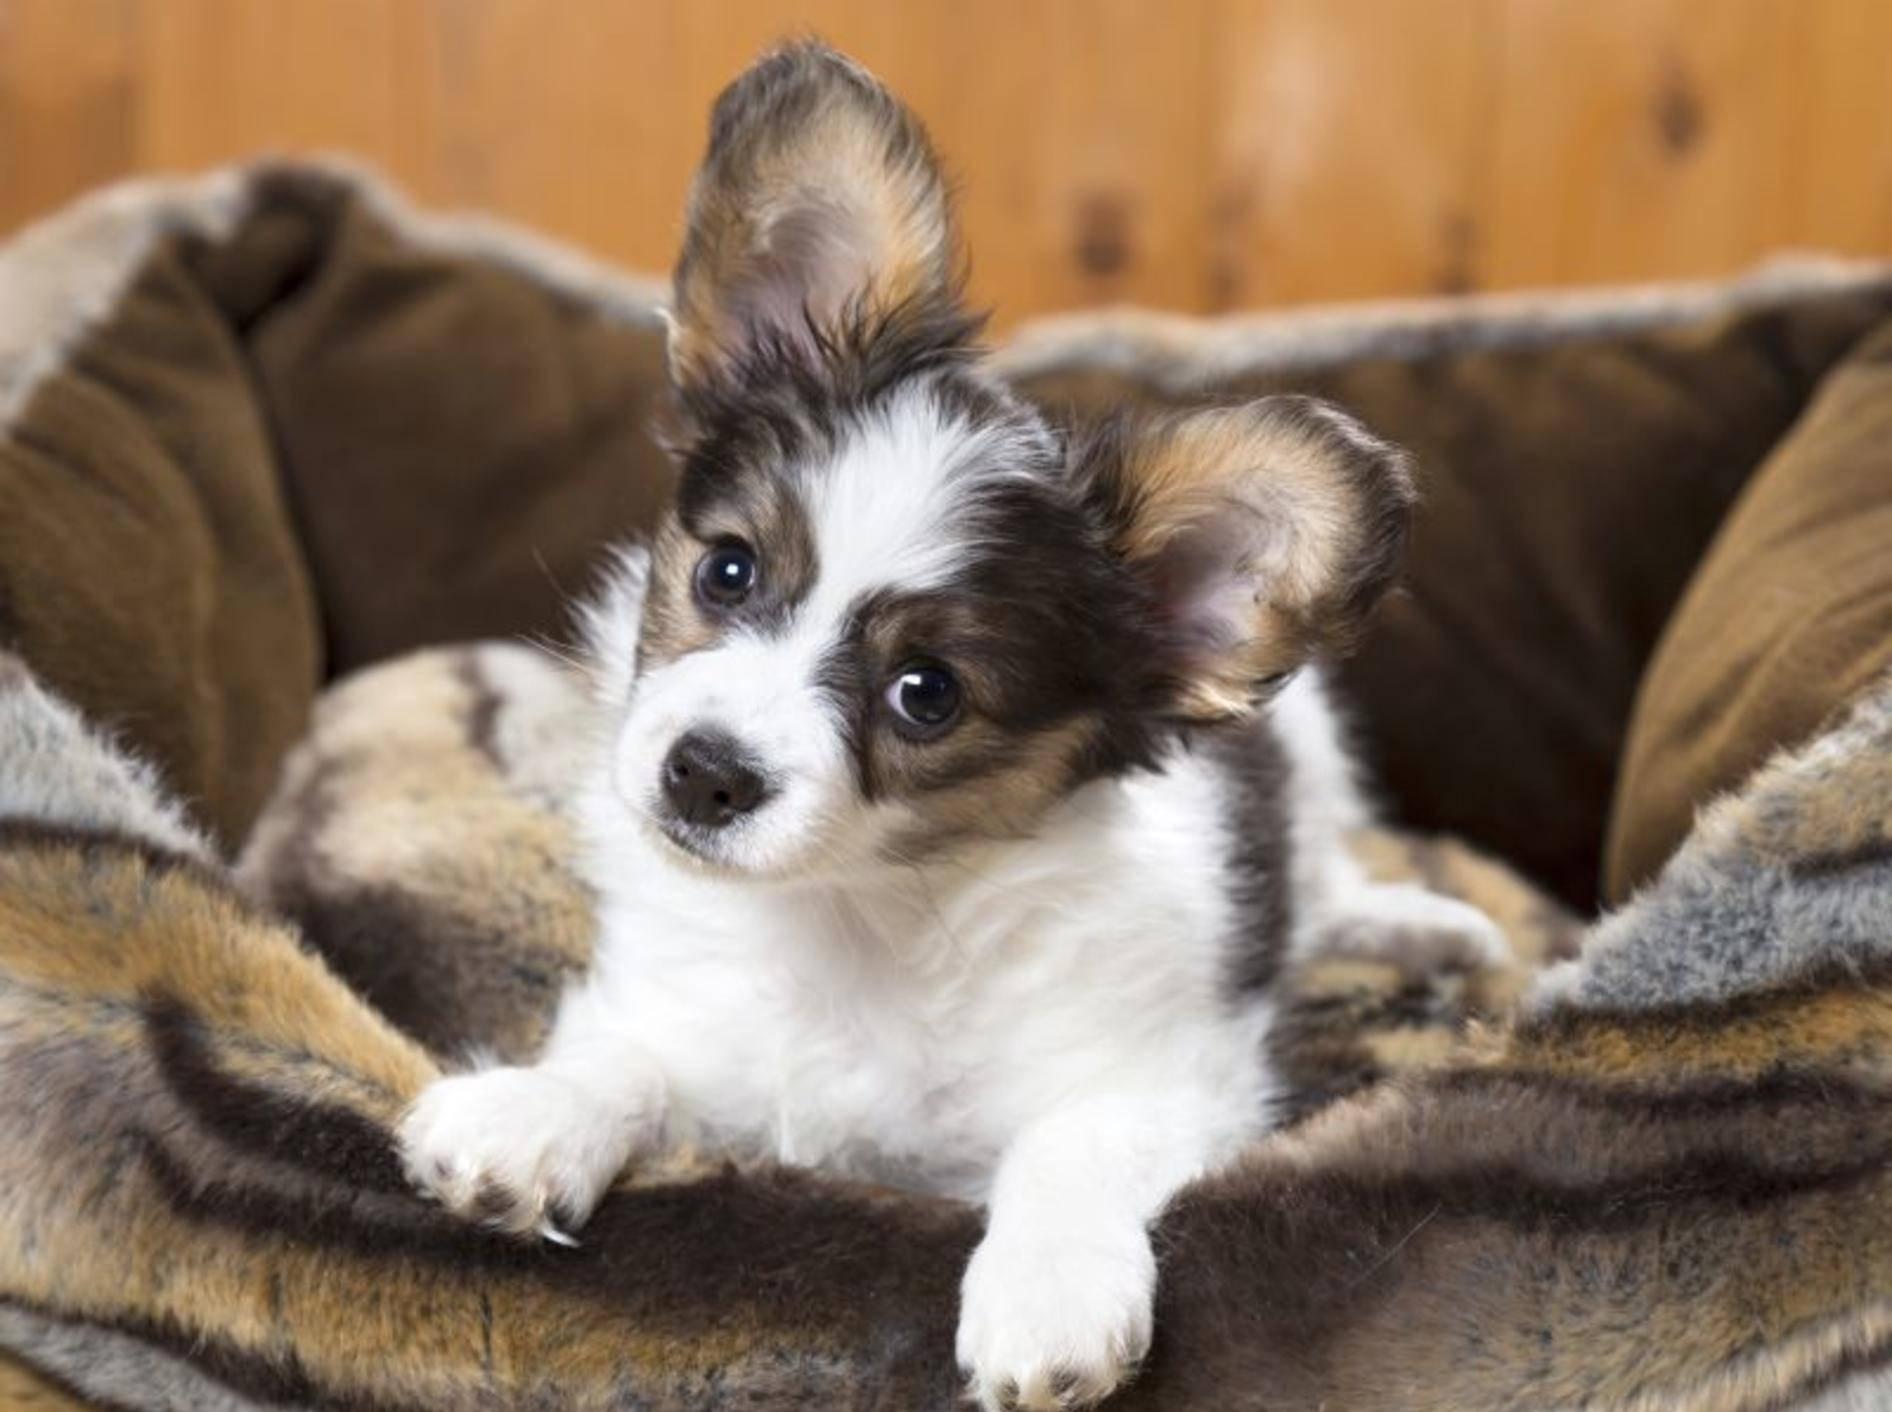 Dieser Papillon hat wohl schon ein passendes Hundebett gefunden — Bild: Shutterstock / Sergey Lavrentev